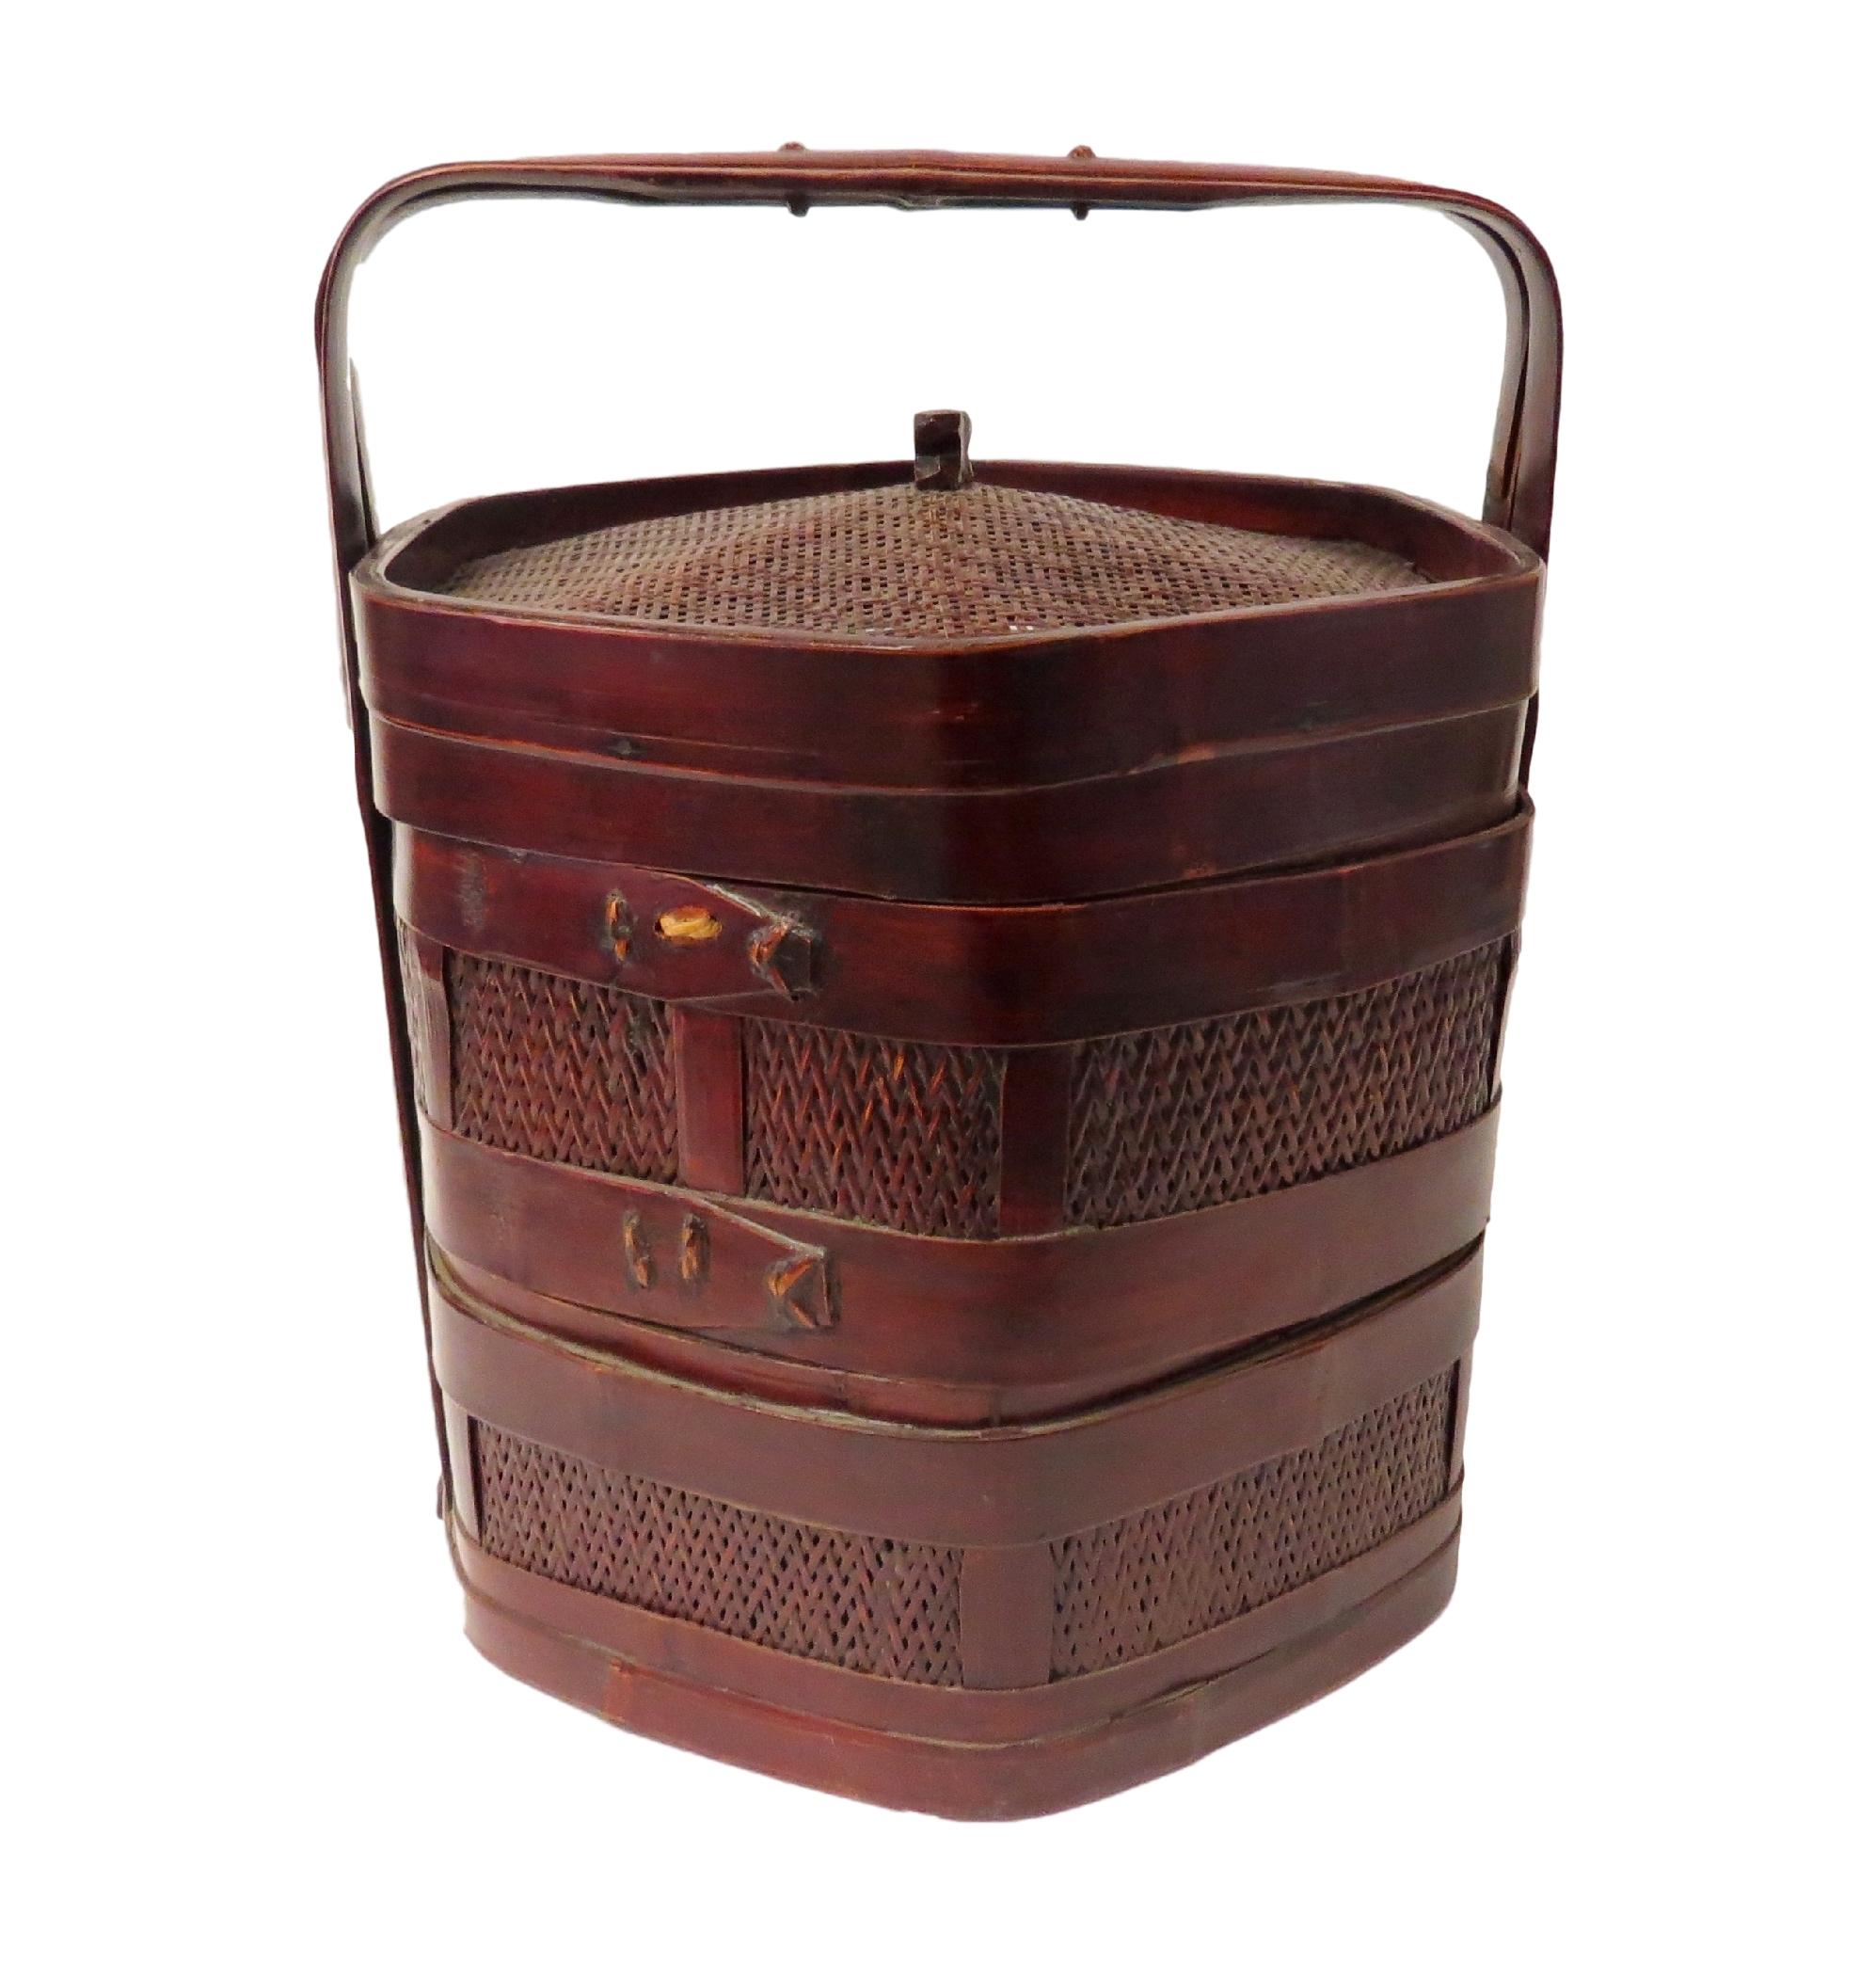 Vintage Chinese Hex 2-Tier Food Basket  16dx17h  OP207